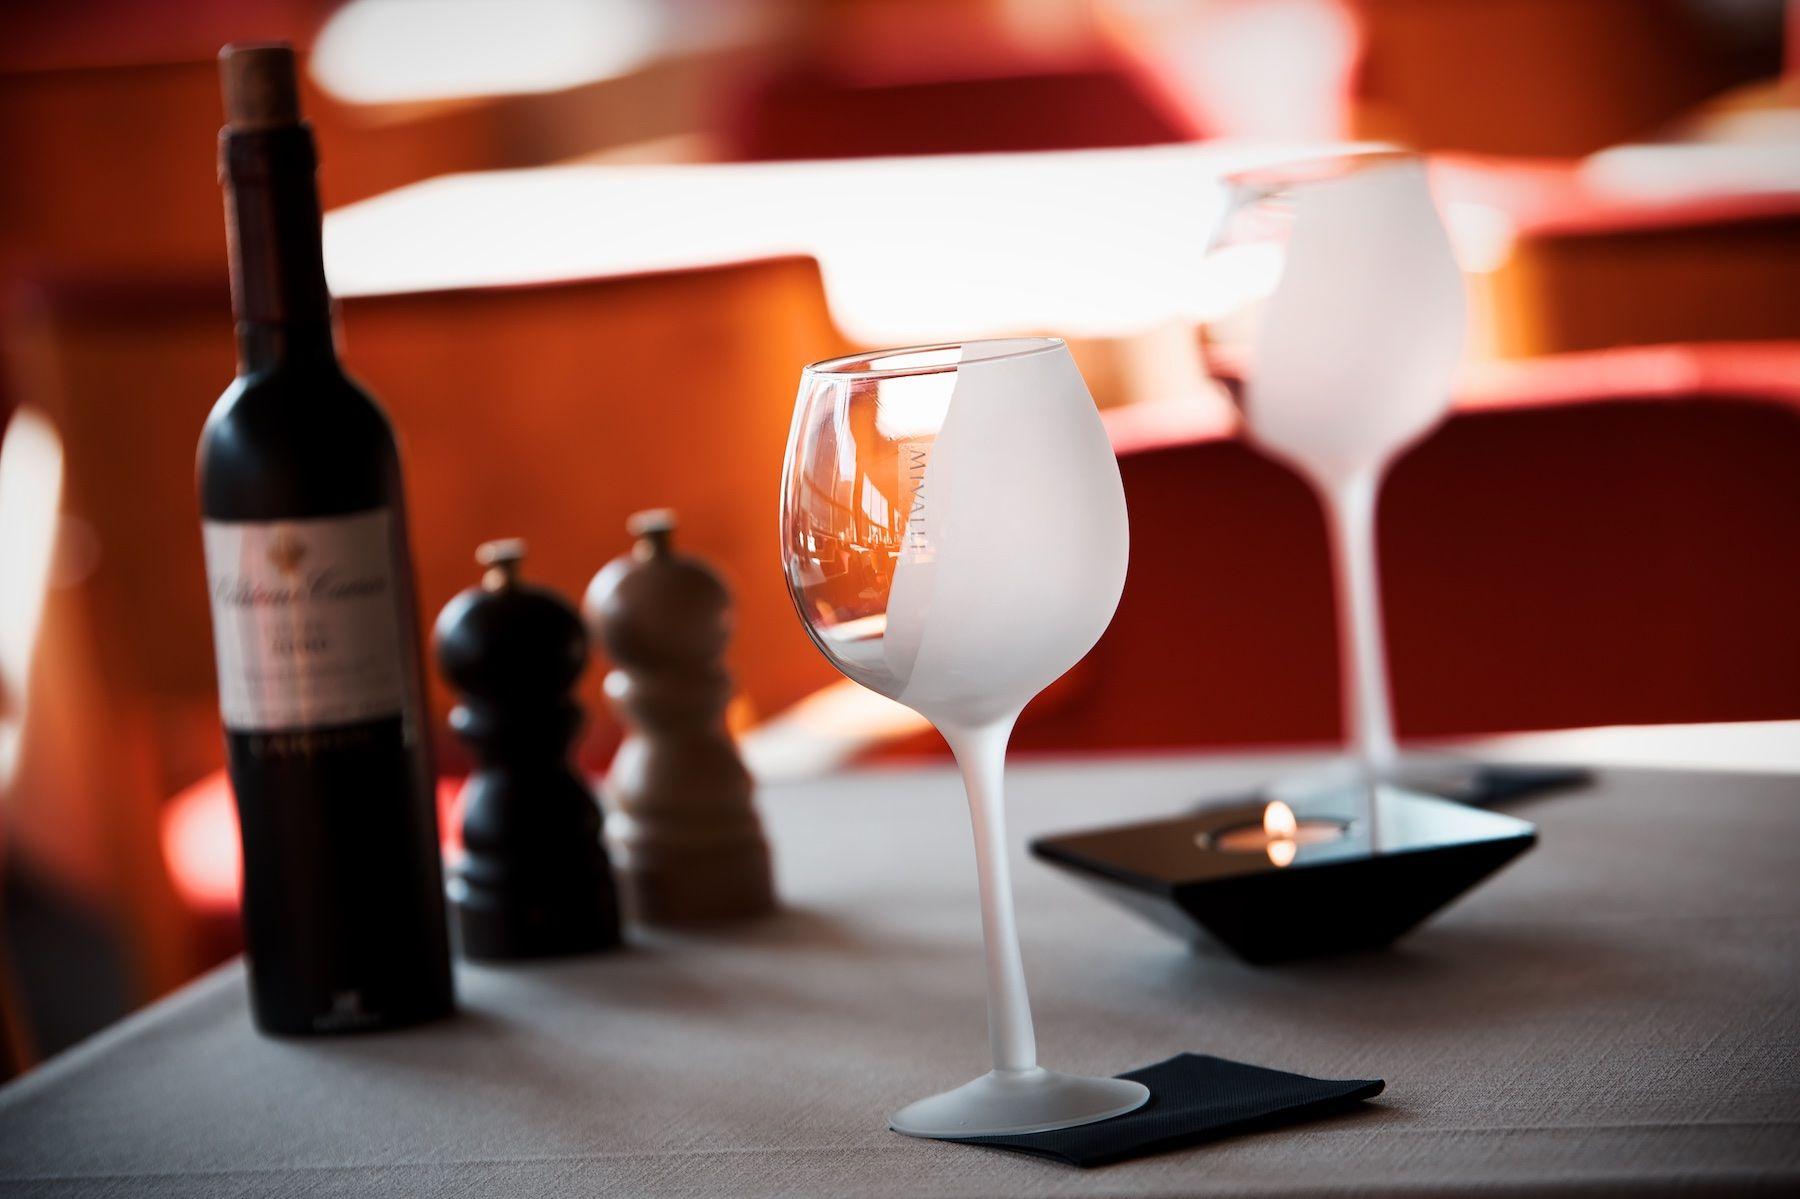 Frosted-viinilasit ja musta Aqua-tuikku @Ravintola Lasipalatsi, Helsinki #wineglass #viinilasi #viini #suomalainenmuotoilu #finnishdesign #kattaus